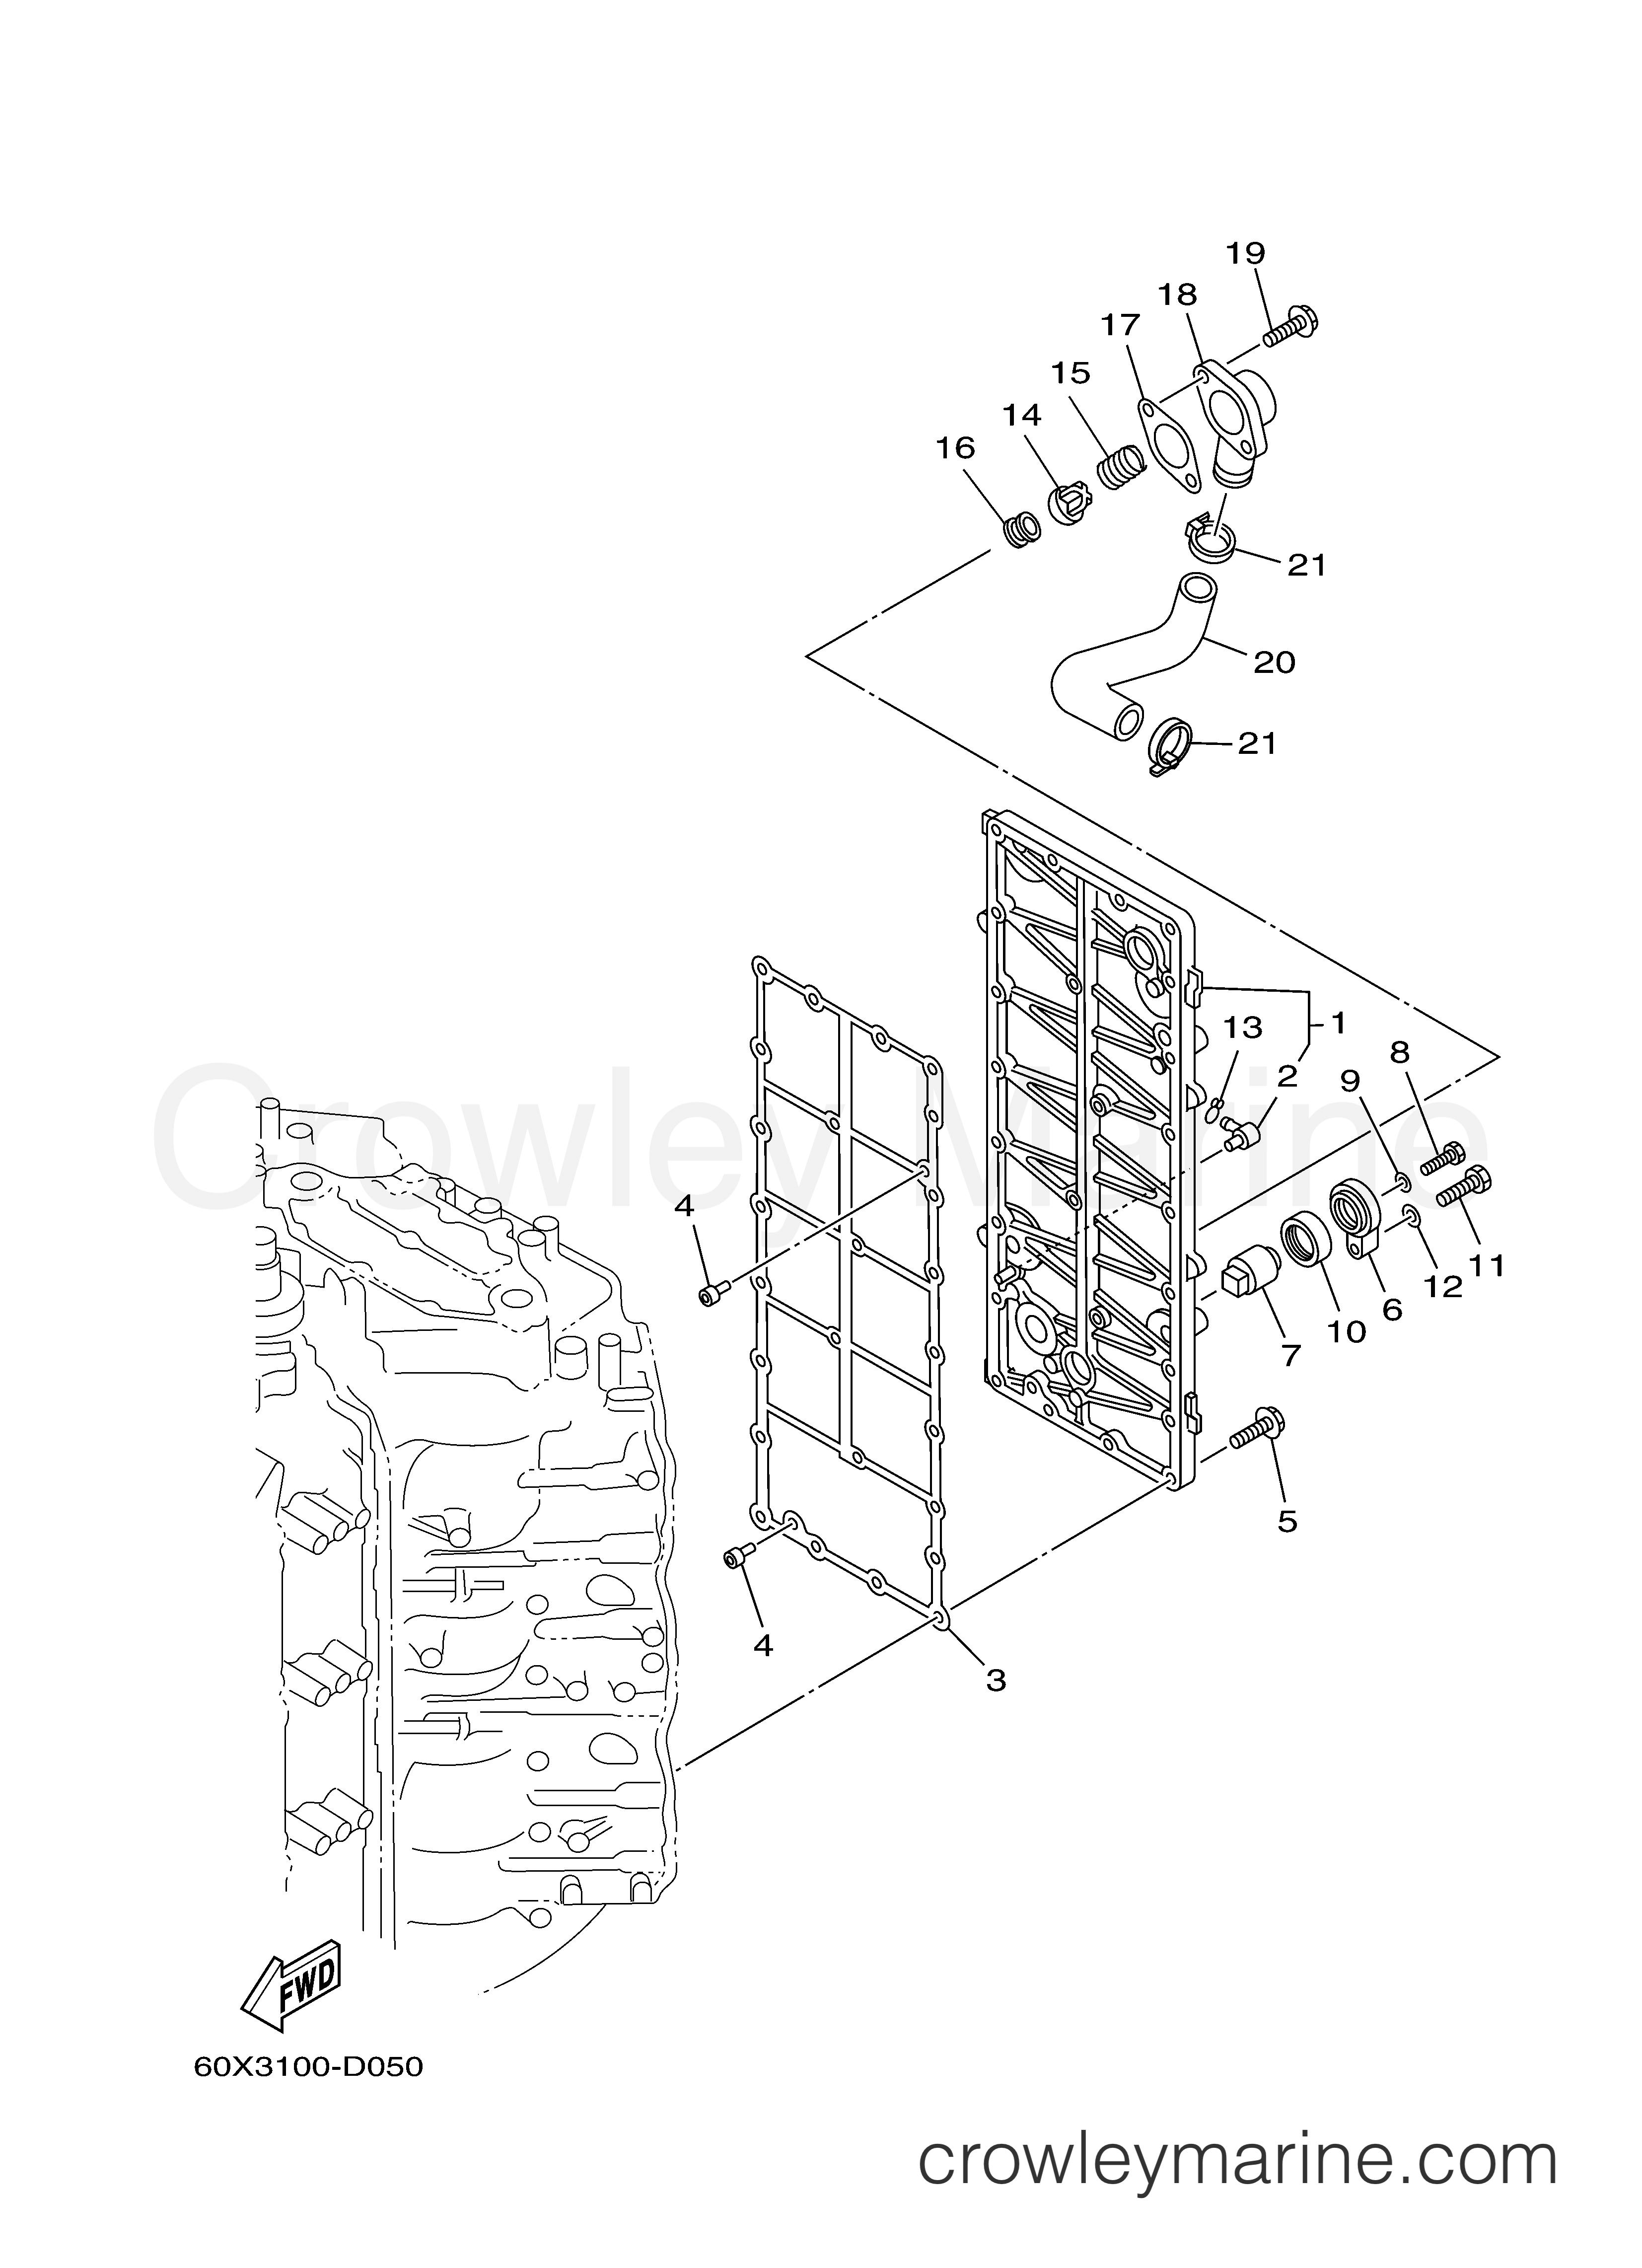 cylinder crankcase 3 2005 yamaha outboard 250hp z250txrd. Black Bedroom Furniture Sets. Home Design Ideas